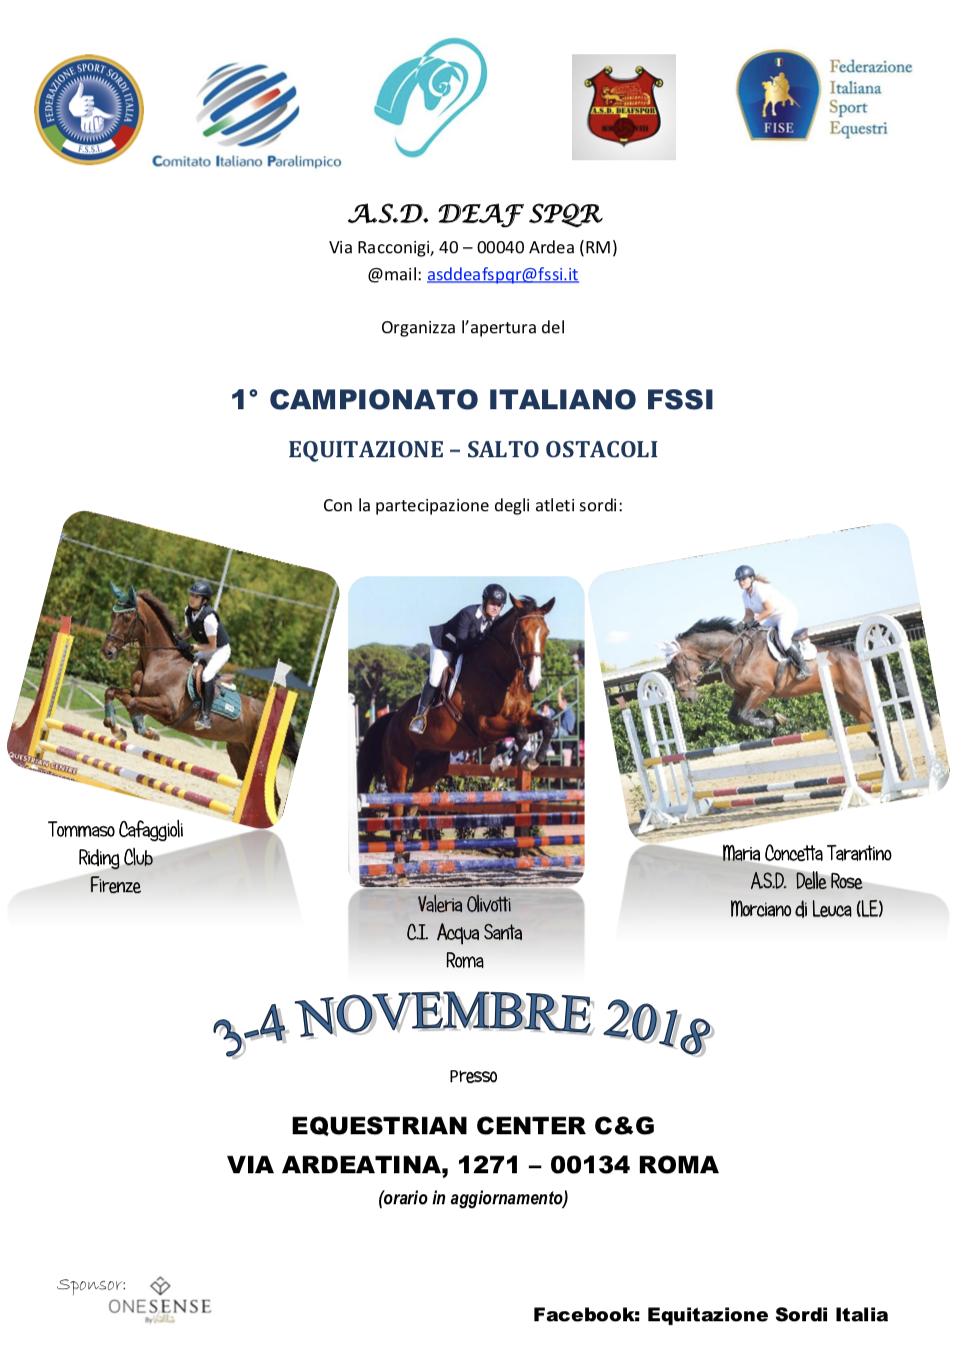 EQUITAZIONE – Campionato Italiano